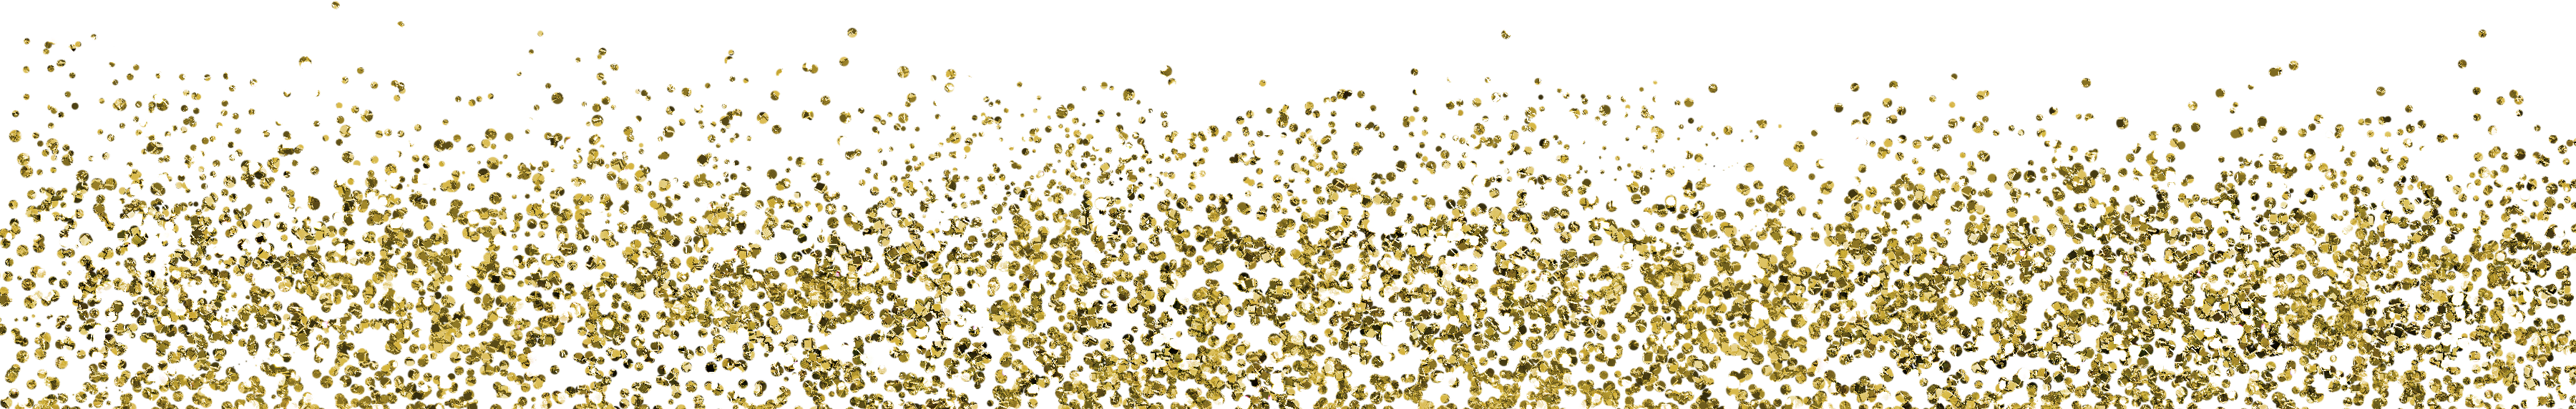 glitter-nottom